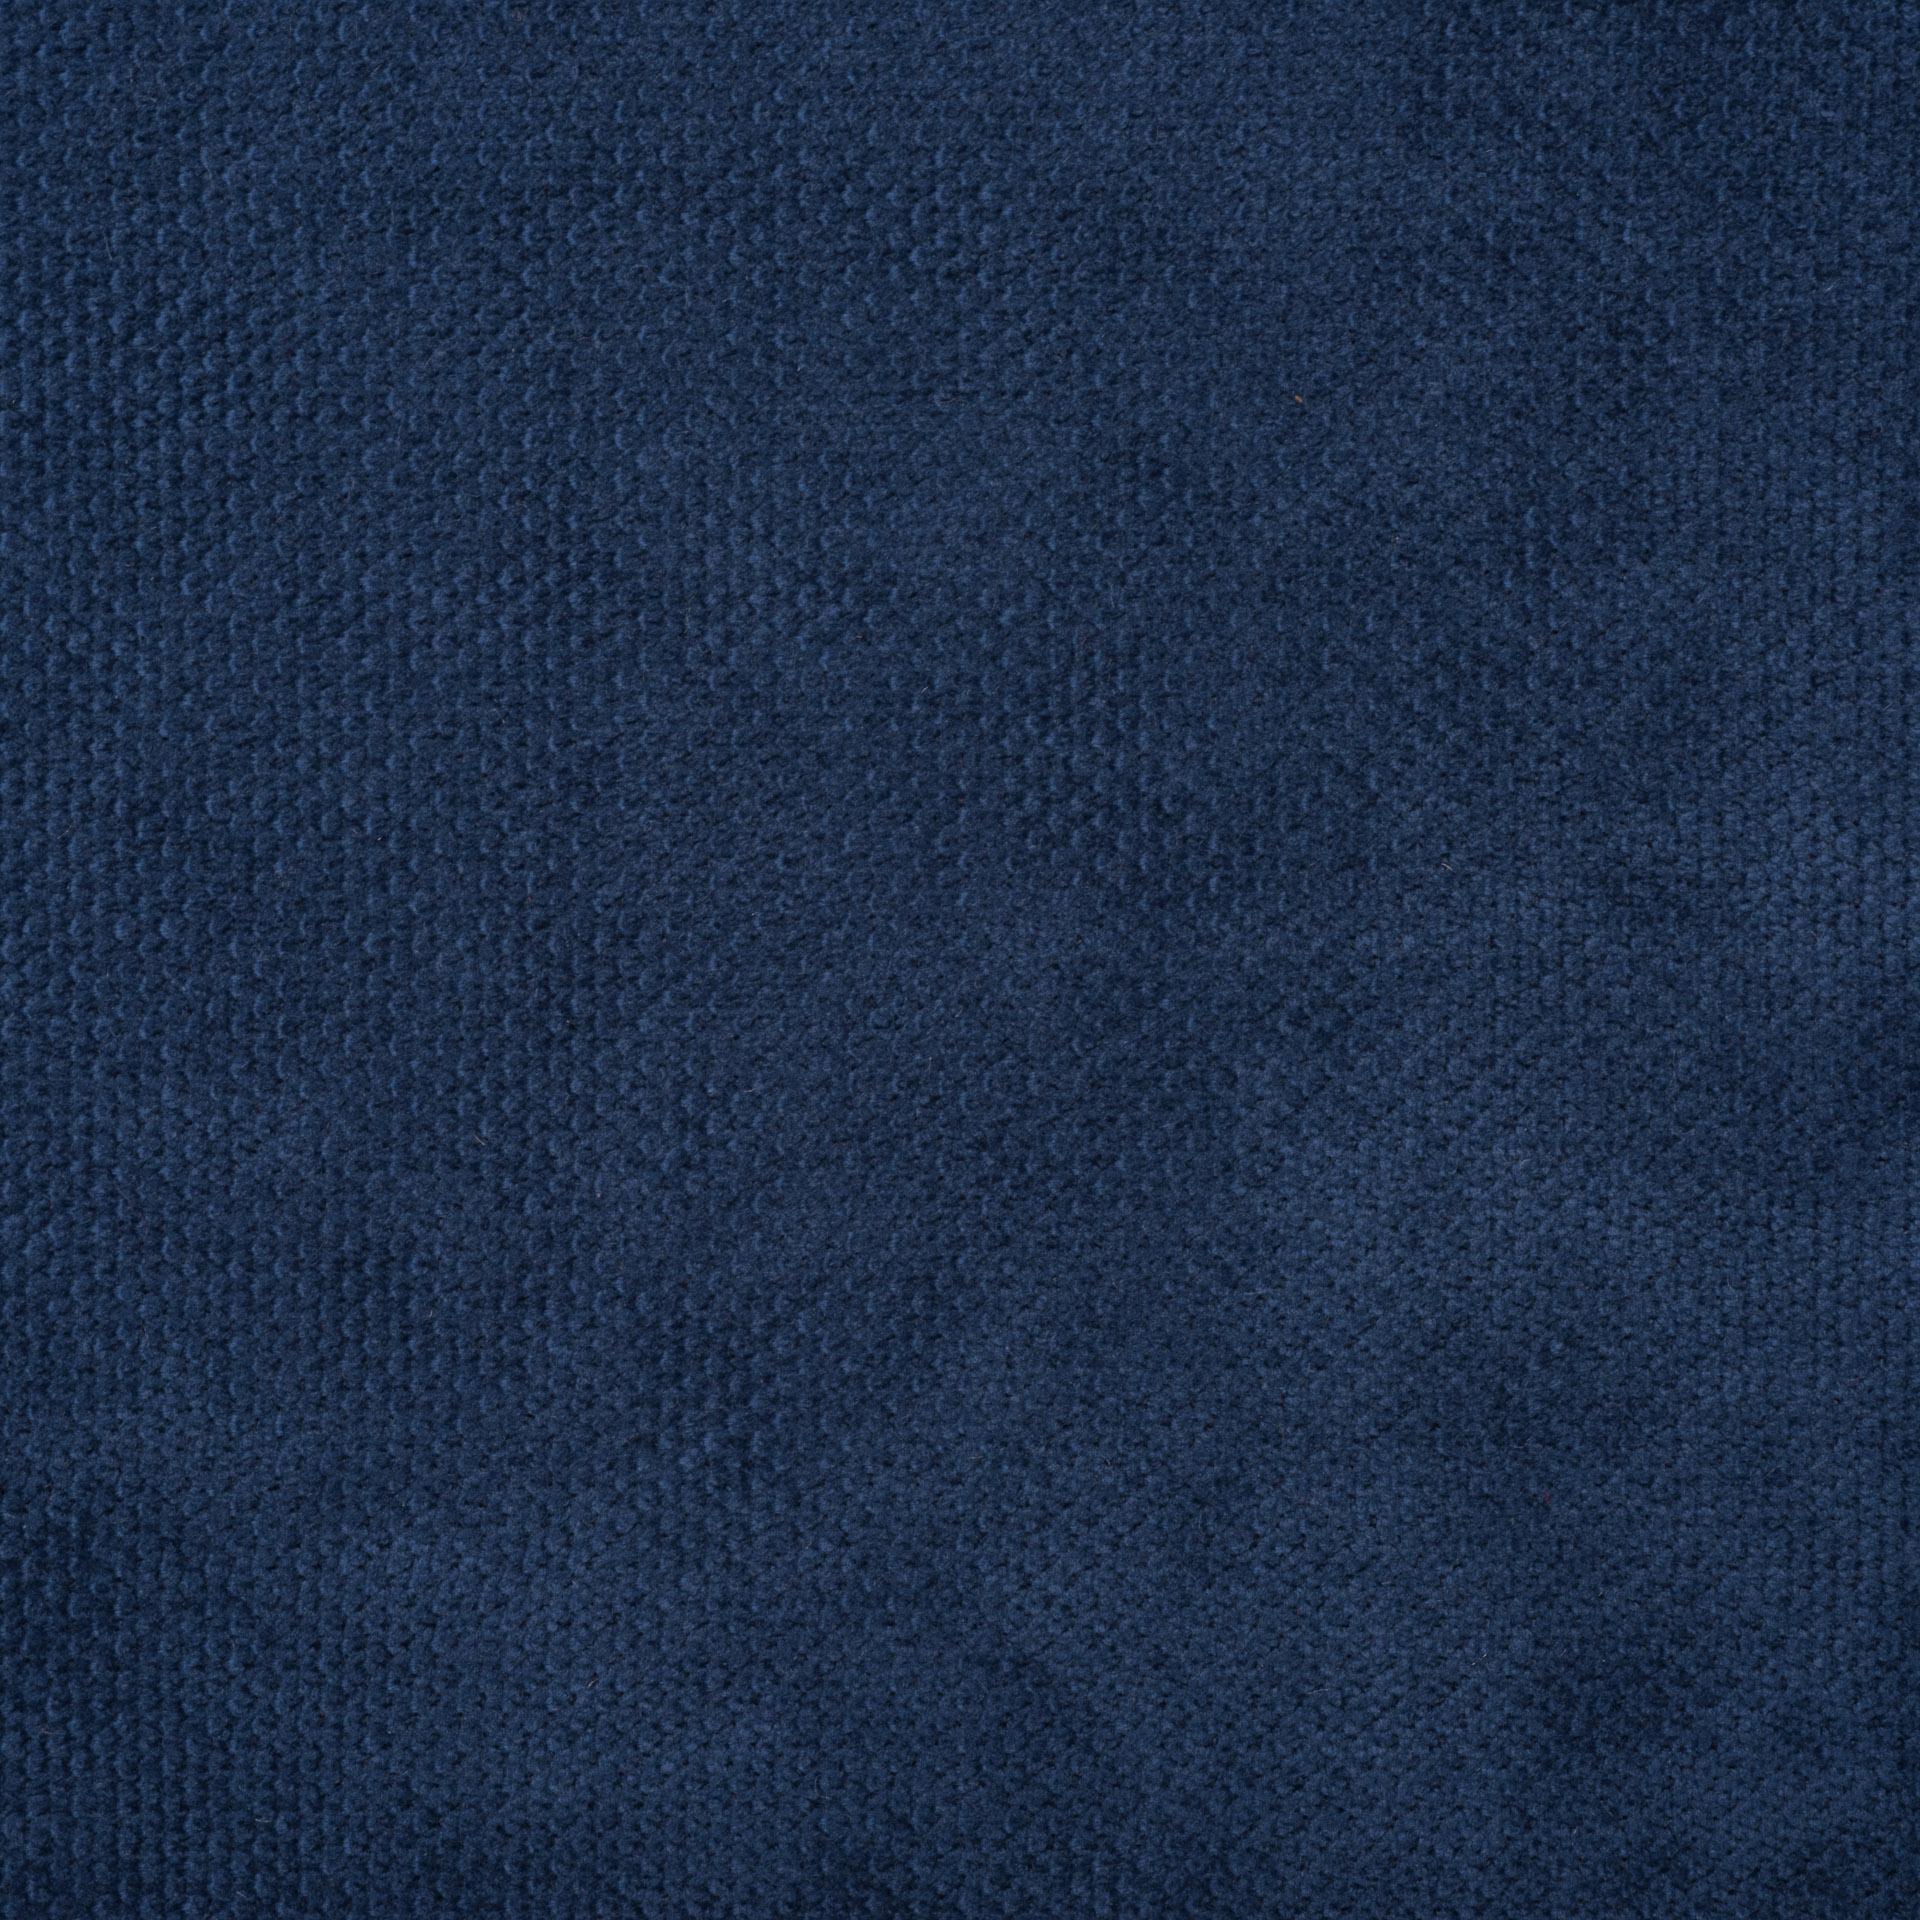 Коллекция ткани Дели 18 ROYAL BLUE,  купить ткань Жаккард для мебели Украина